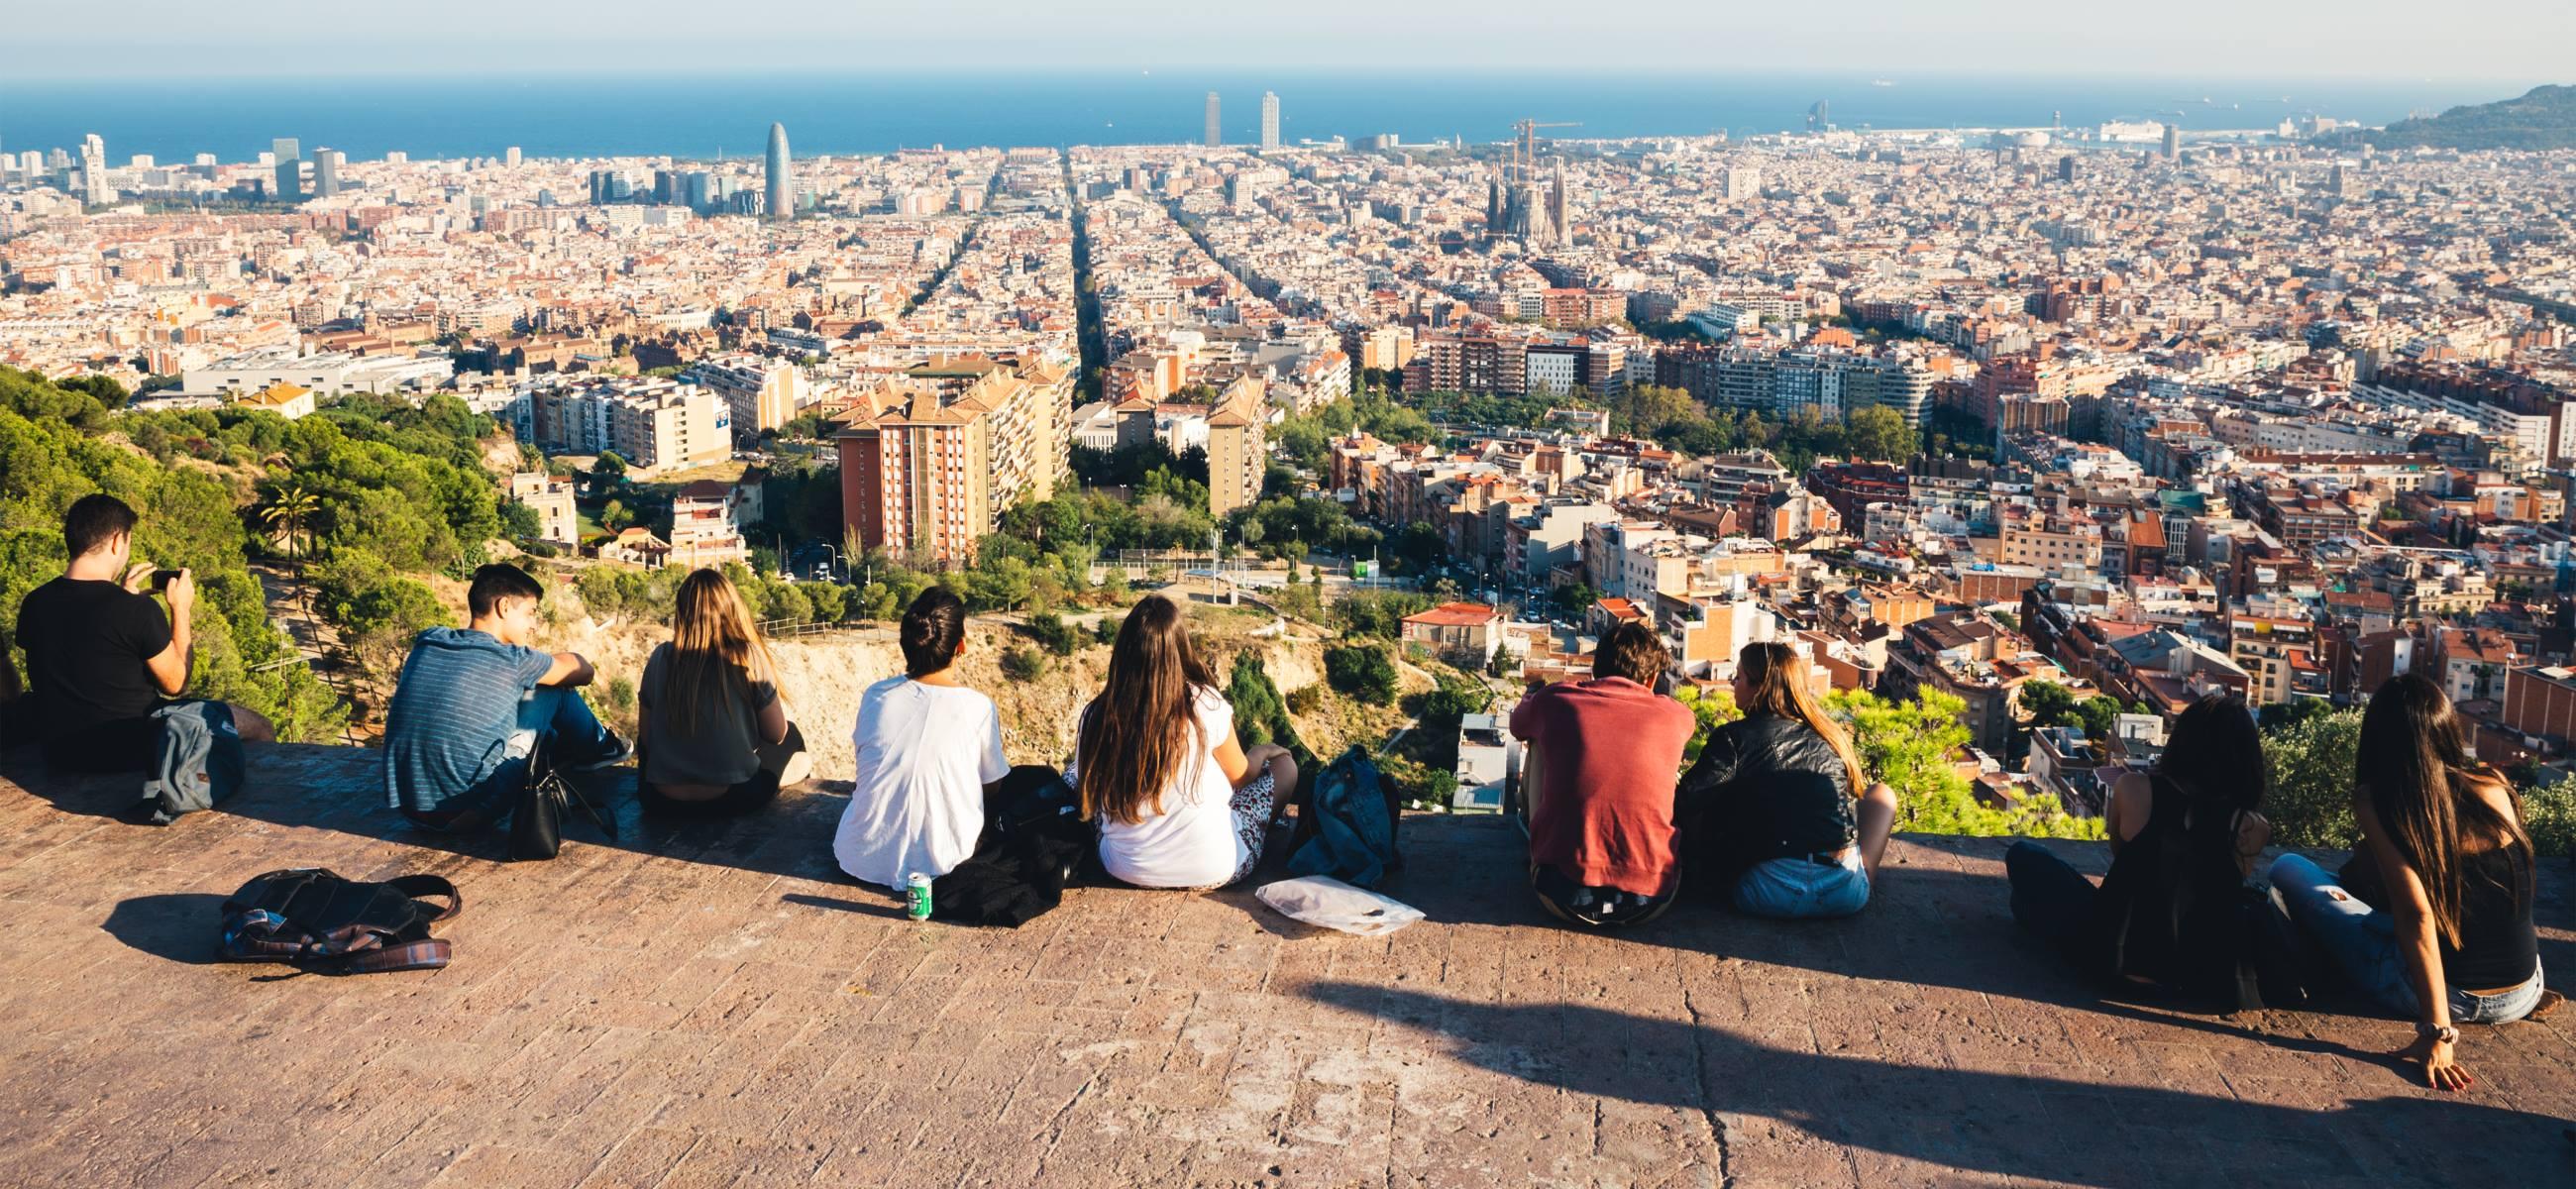 Barcelona fun facts